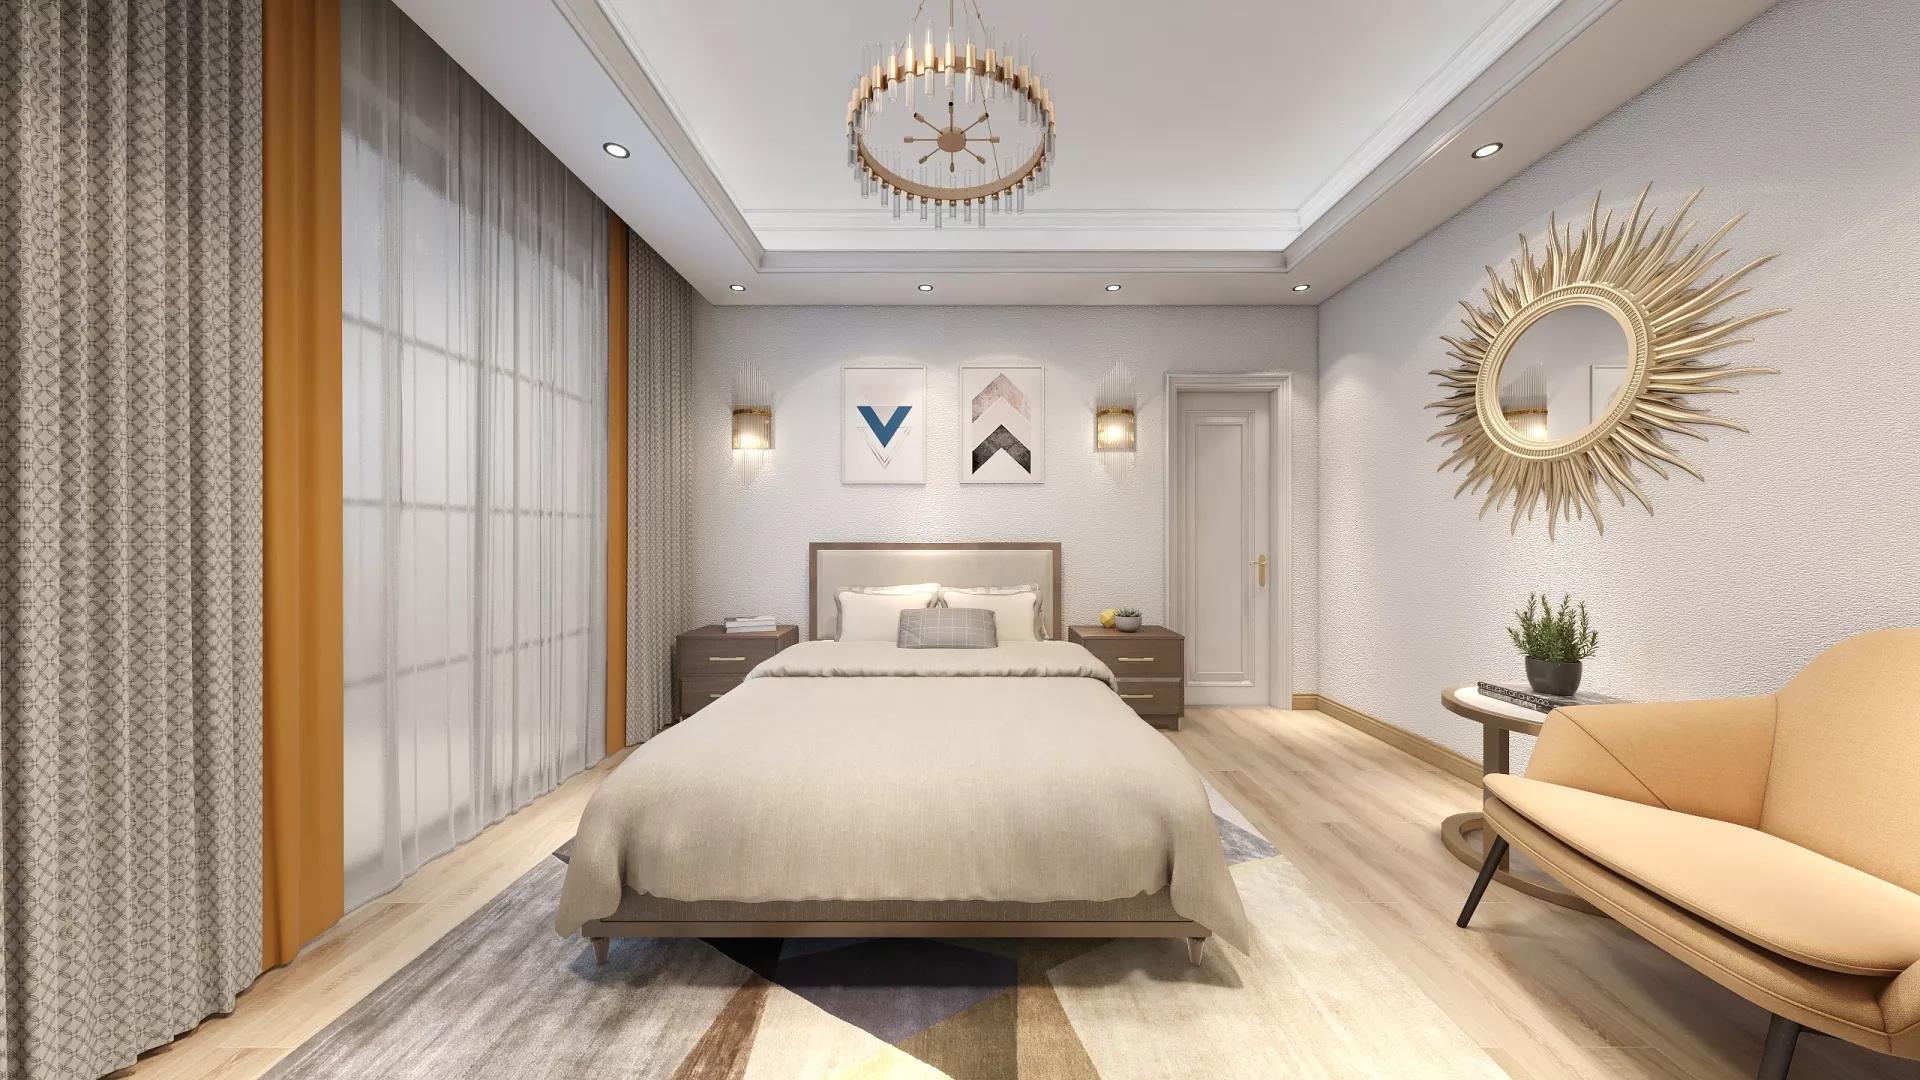 室內裝修順序和要點 室內裝修步驟和注意事項